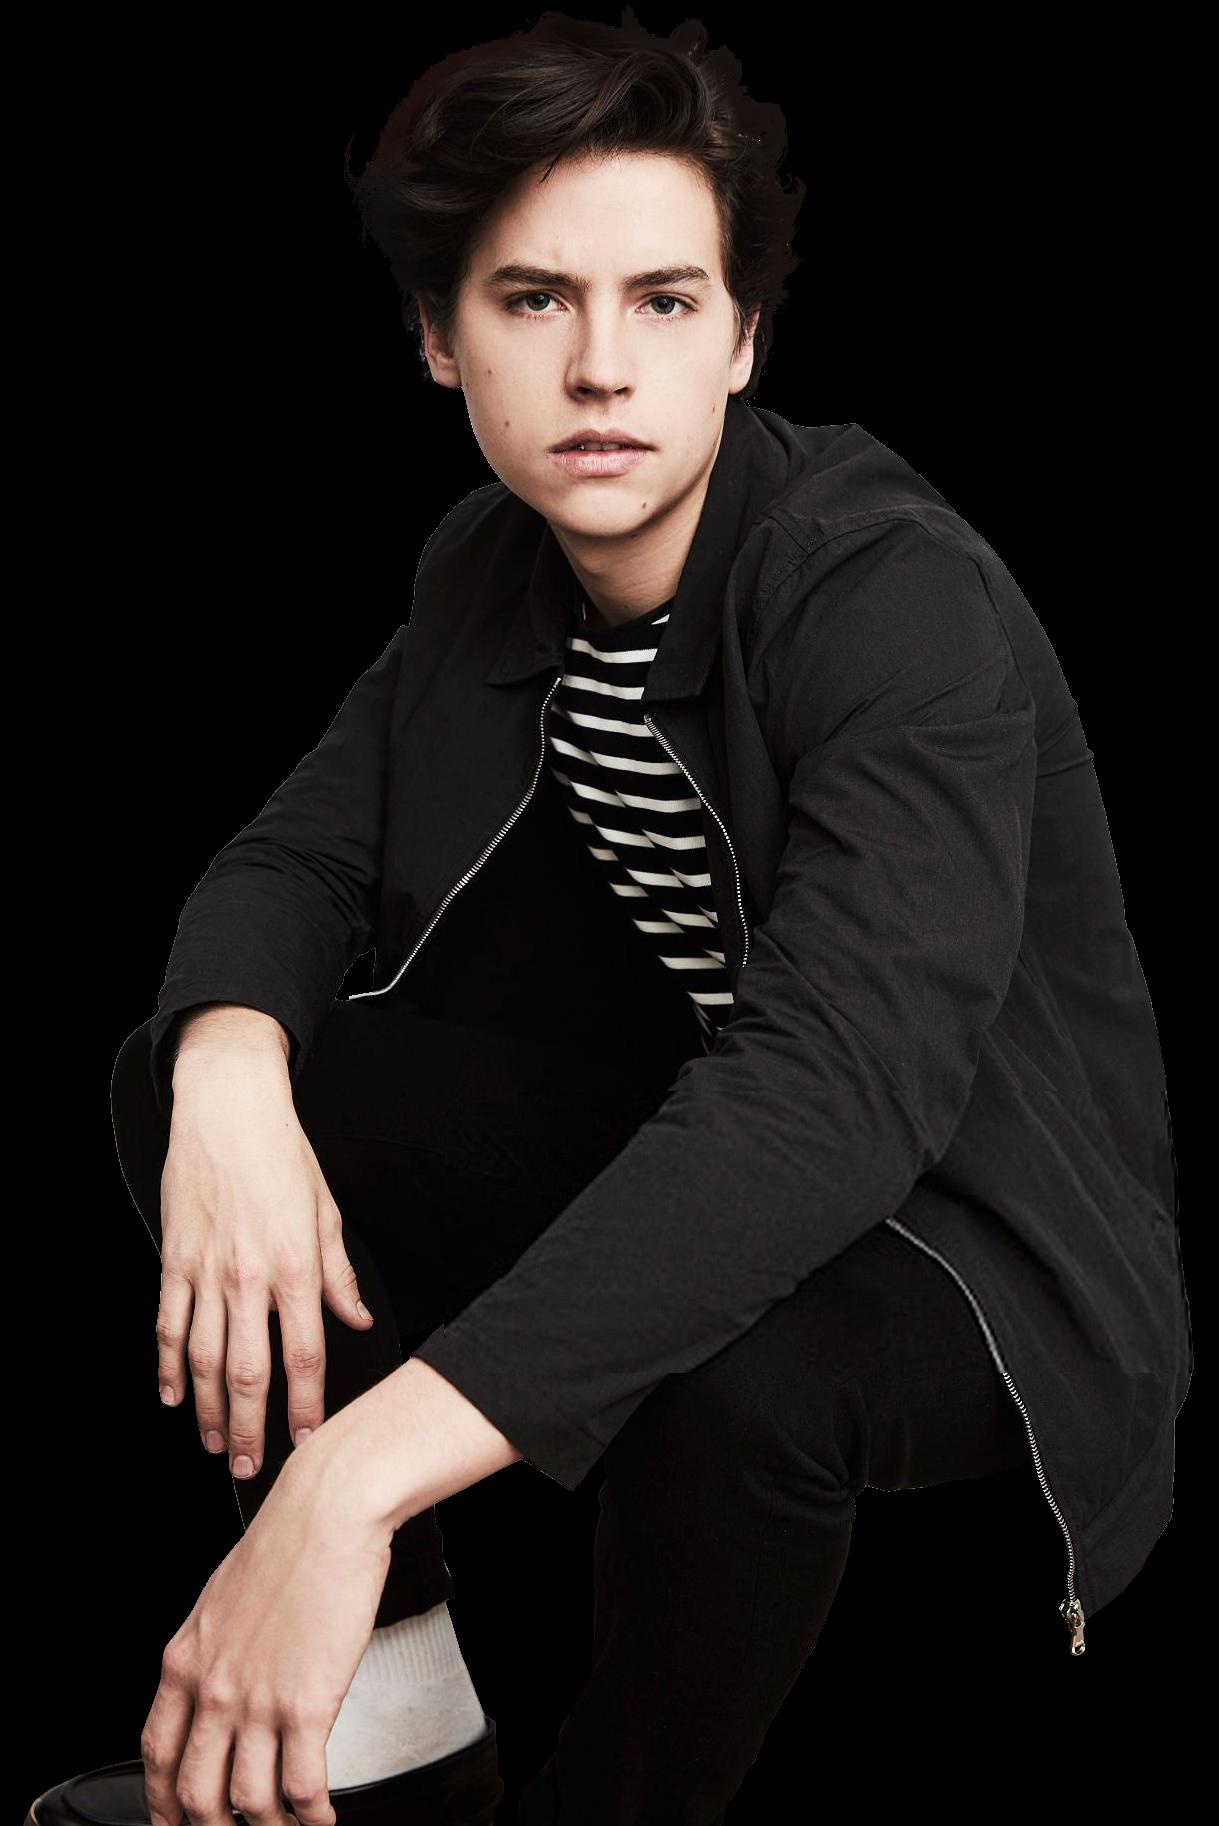 Rhys Constantine